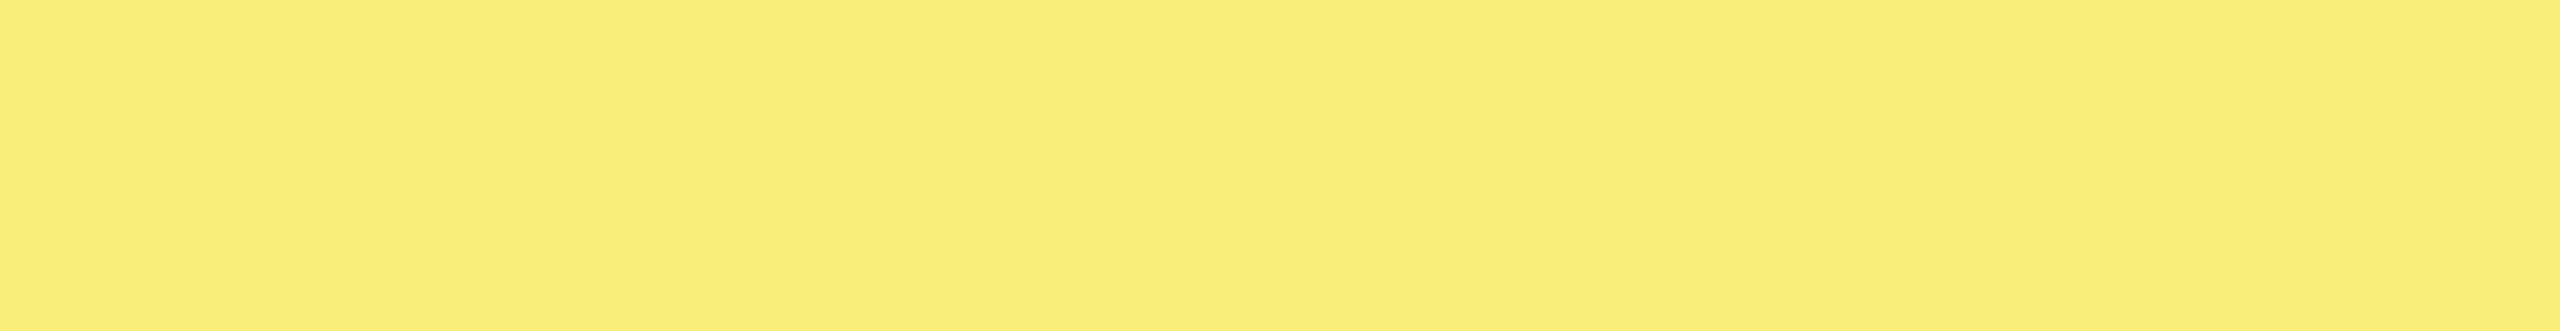 Fondo Amarillo